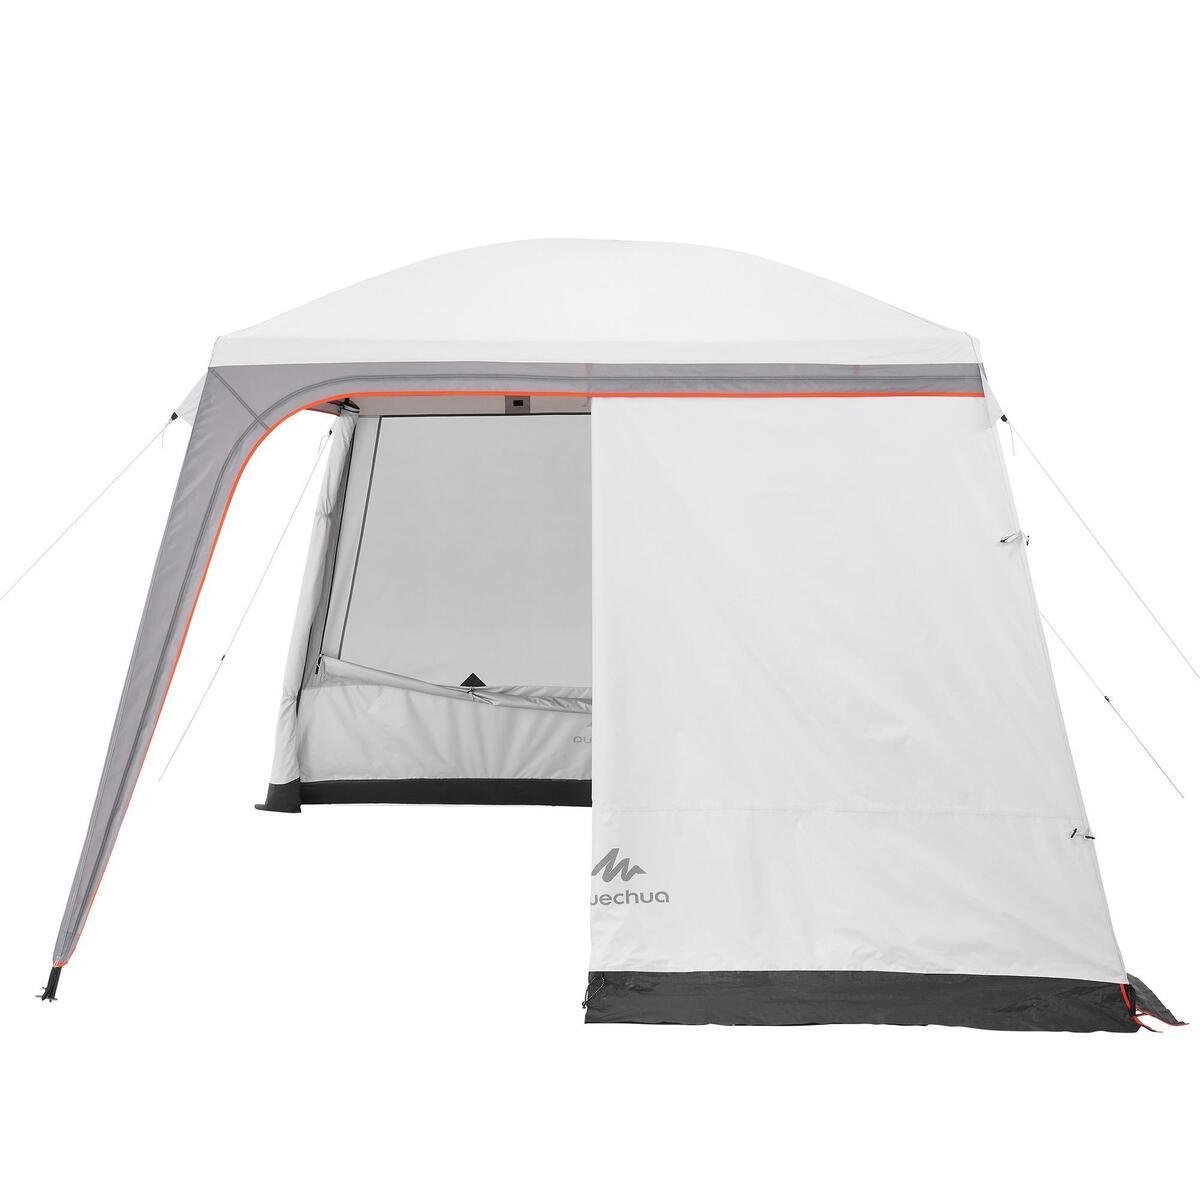 Bild 5 von Pavillon Arpenaz 3 נ3 m mit Türen 10 Personen Camping LSF 50+ Fresh&Black weiß